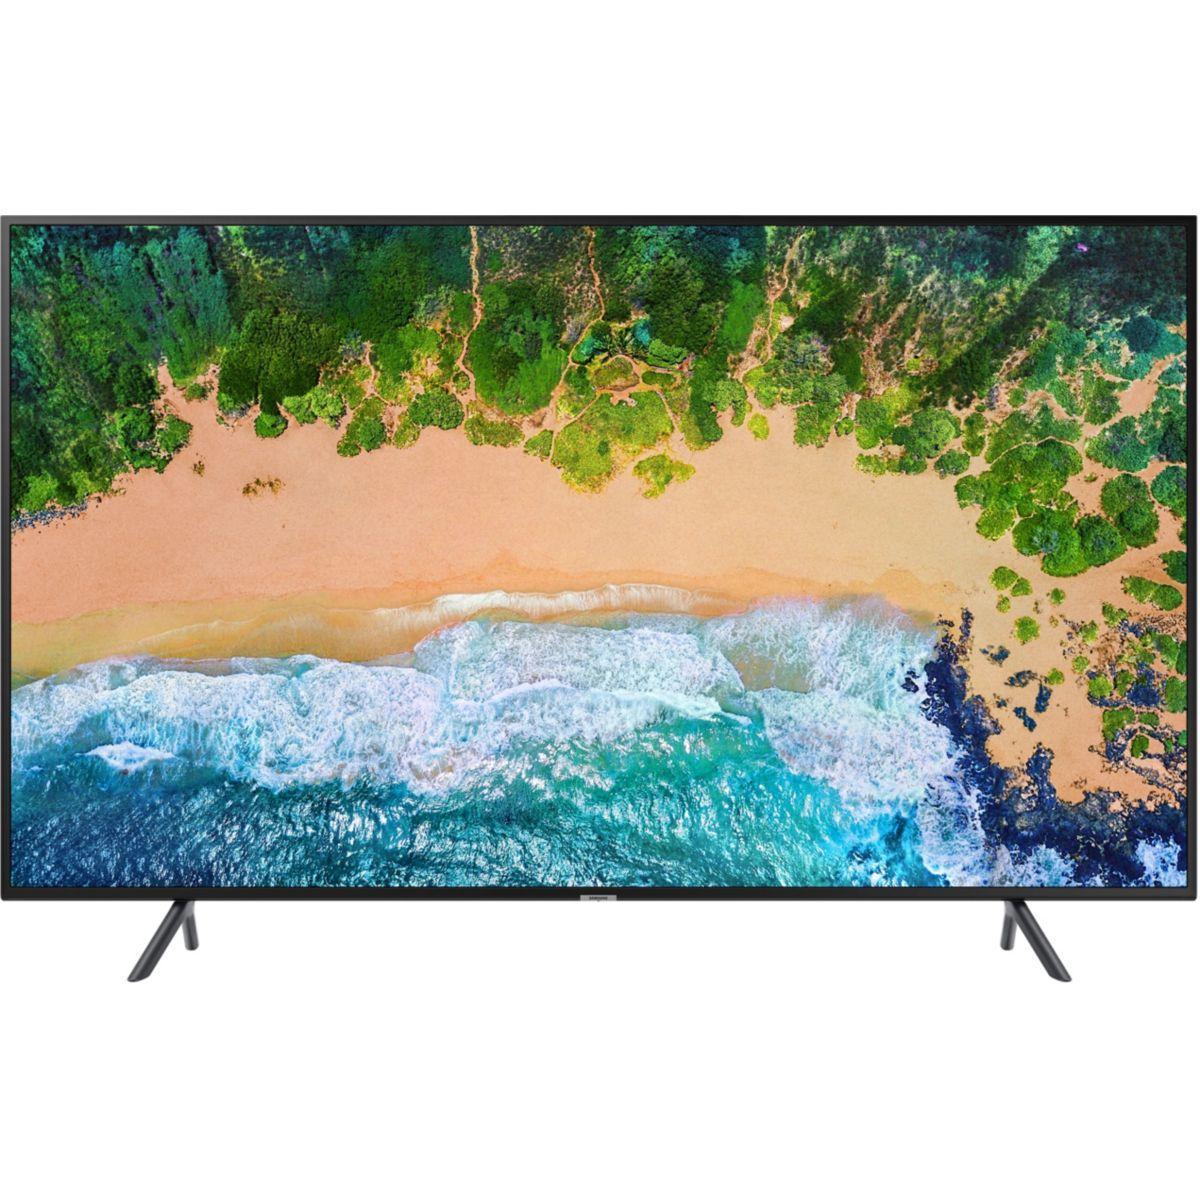 Tv led samsung ue49nu7175 - livraison offerte : code premium (photo)